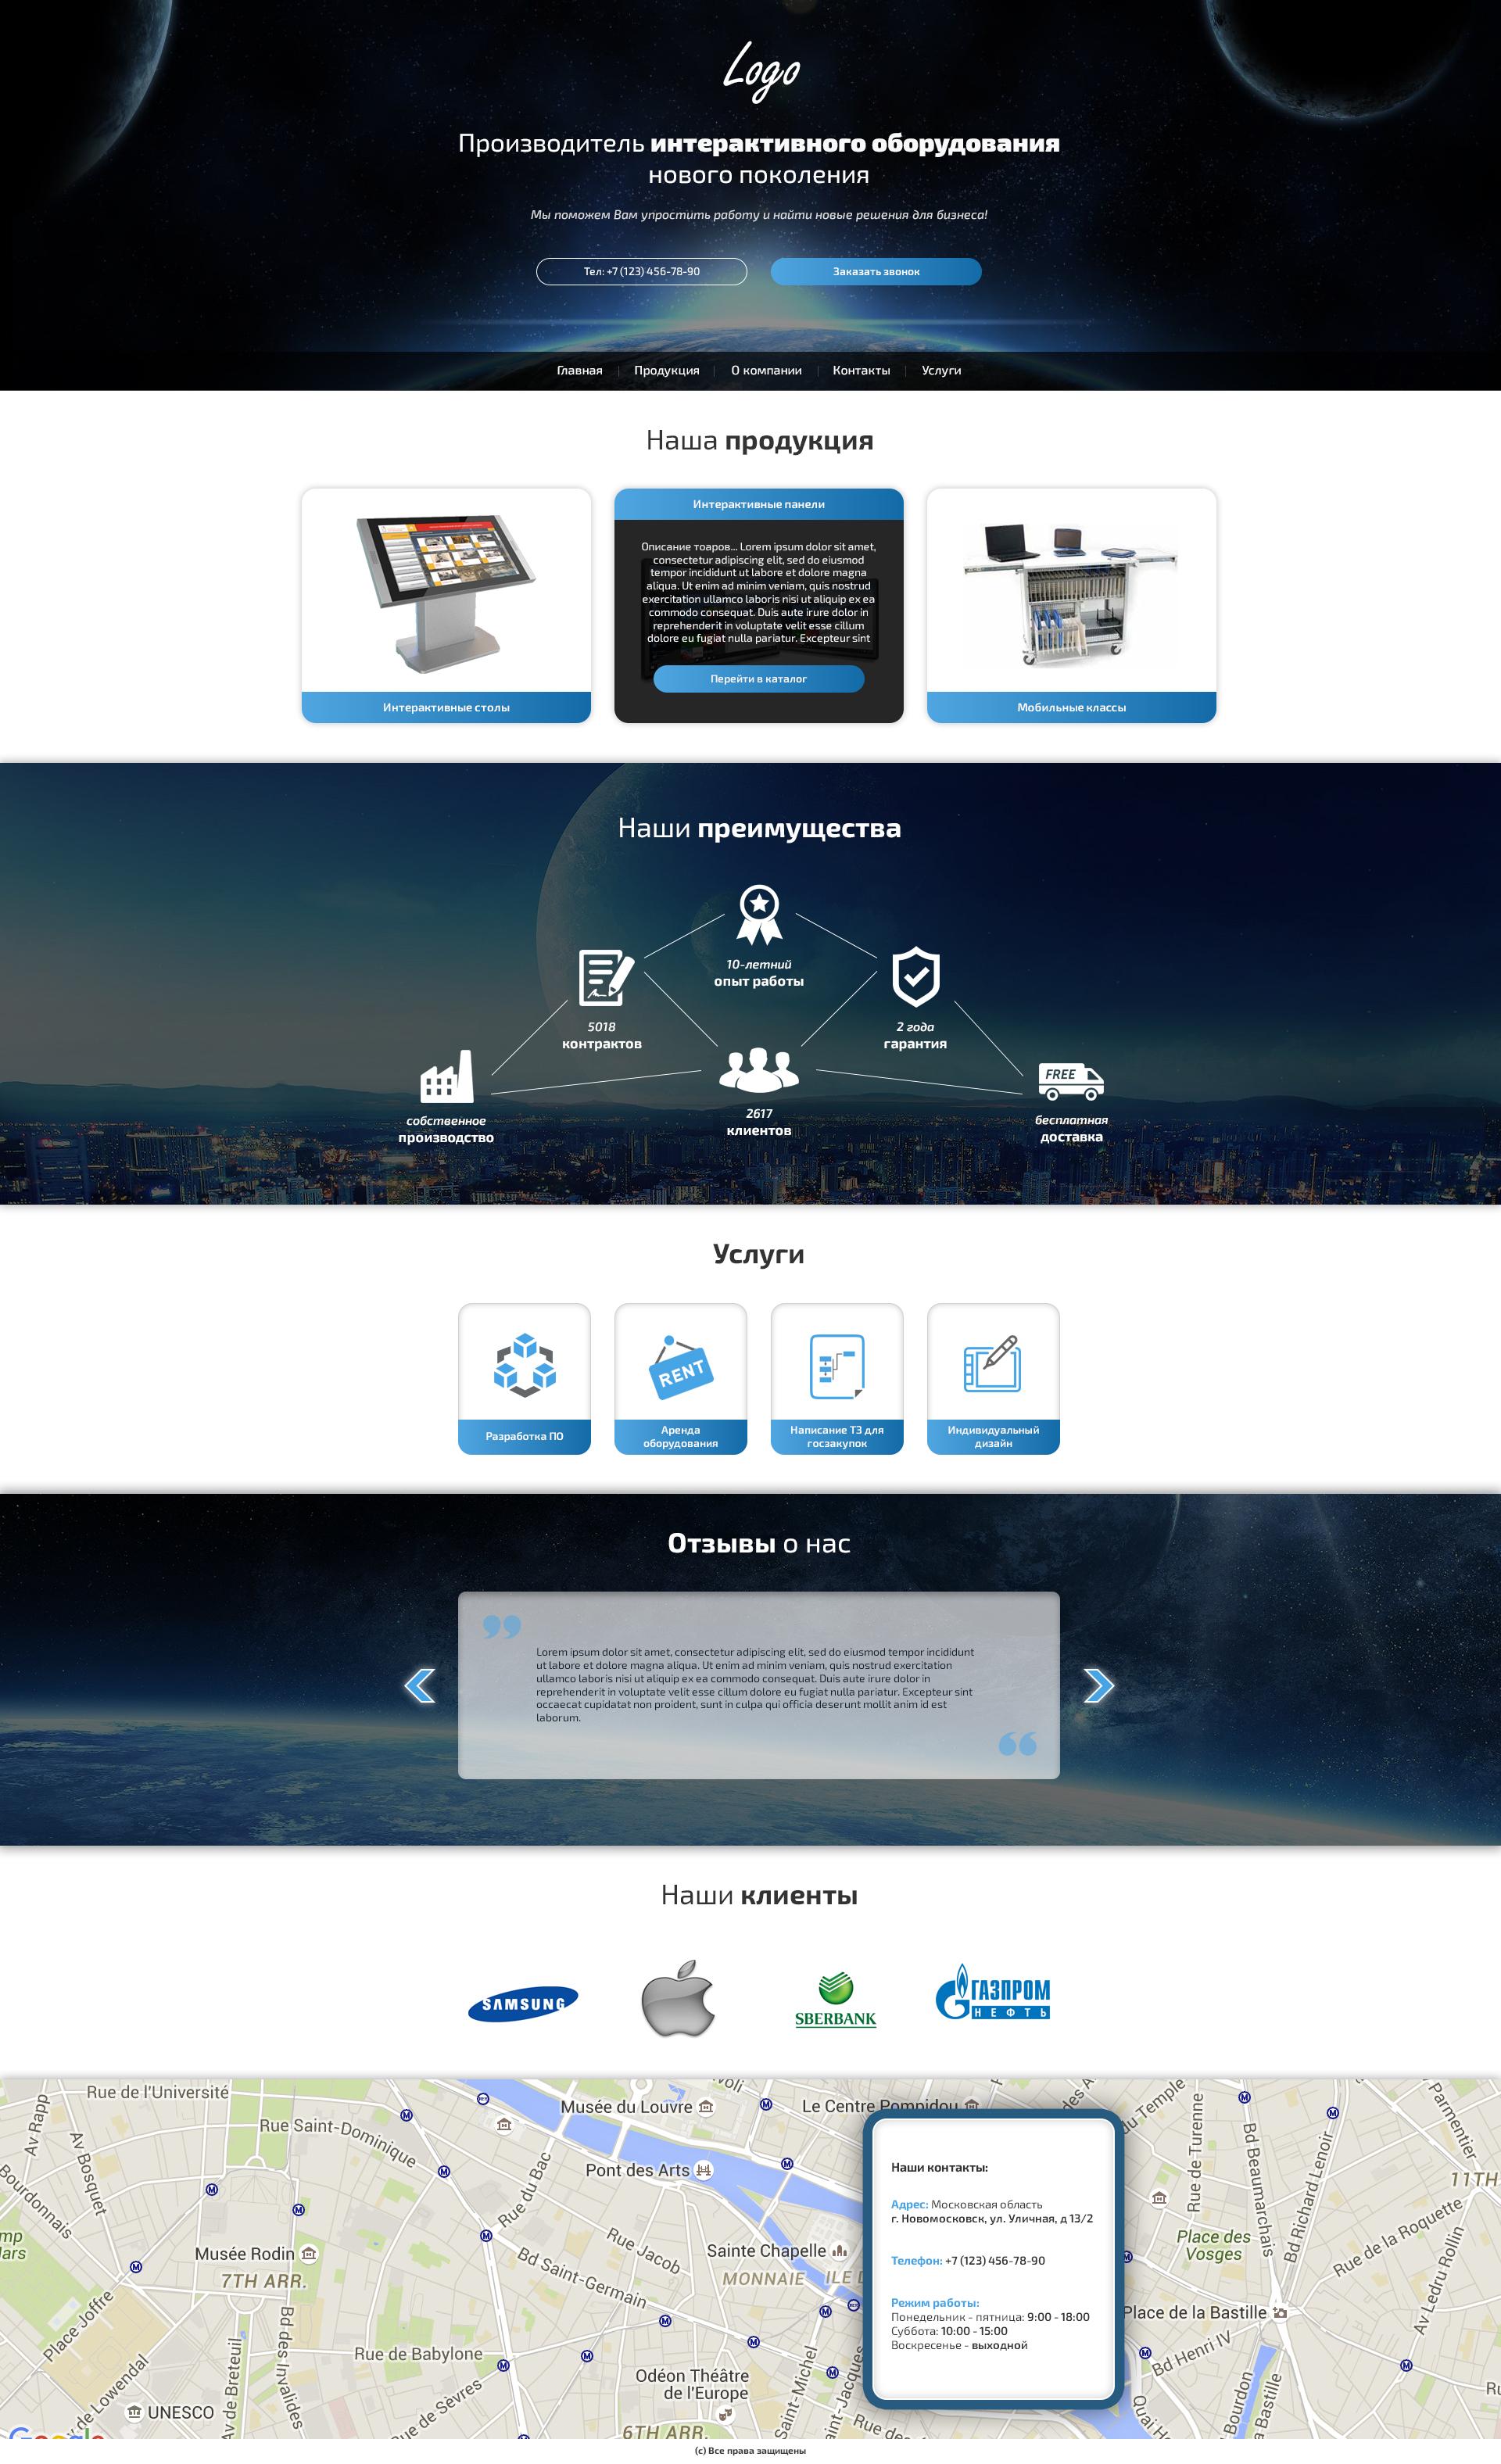 Сайт-визитка производителя интерактивного обоорудования